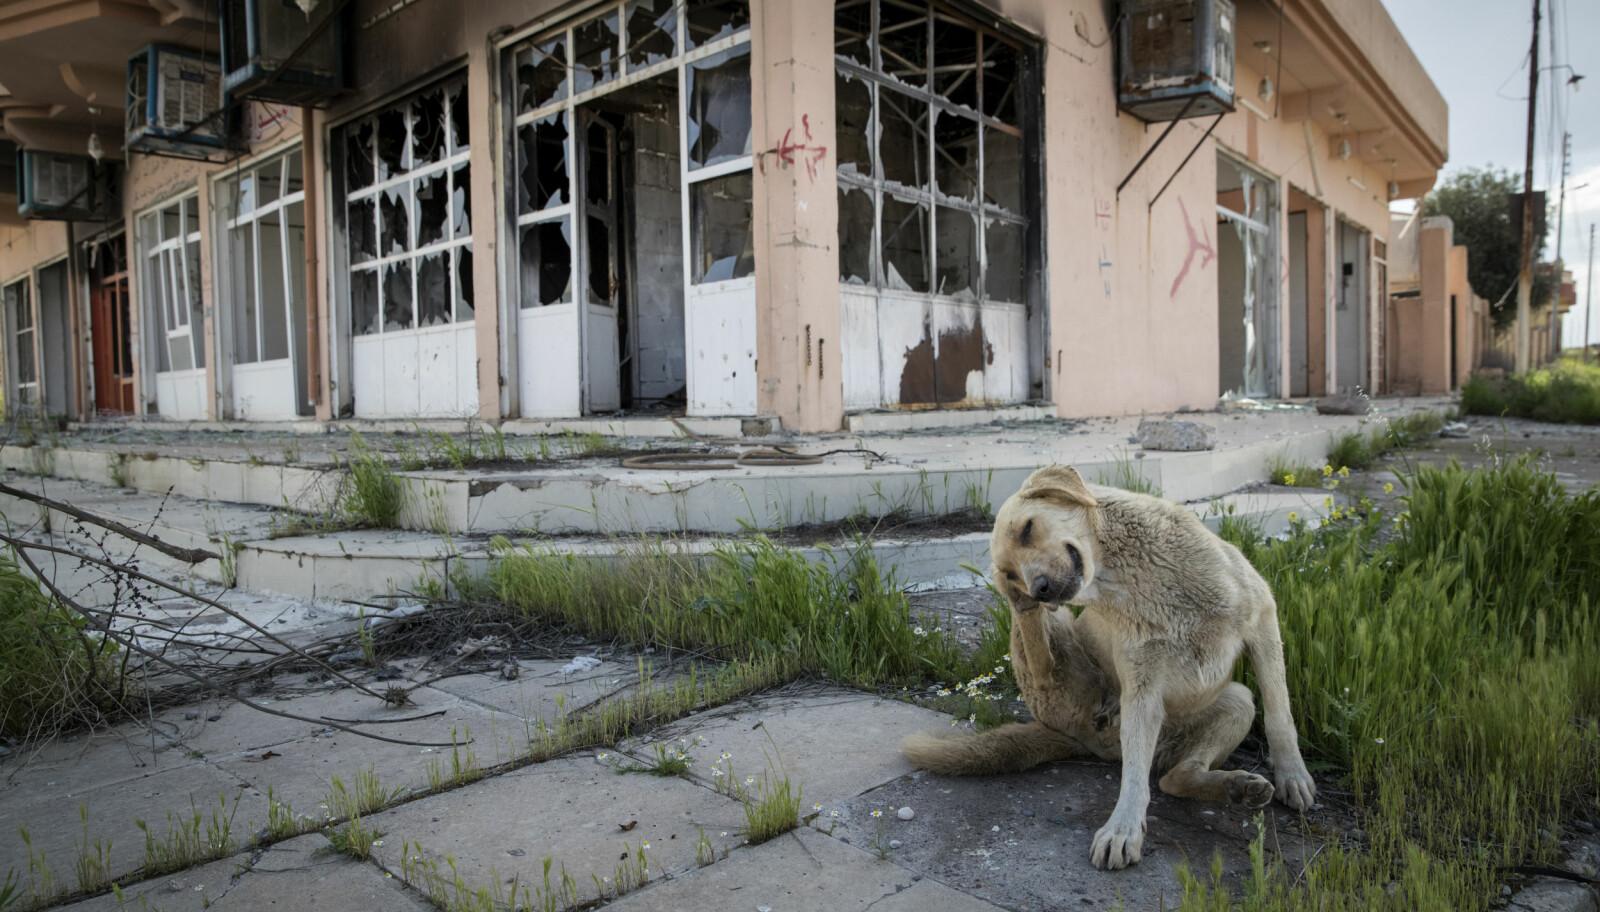 <b>IMPONERENDE ROLIG:</b> Foran en utbombet bygning i et område fullt av bomber og miner, minimalt med mat og mest sannsynlig en tøff fortid. Likevel var hundene Johnny møtte rett utenfor krigsherjede Mosul svært vennligsinnede.